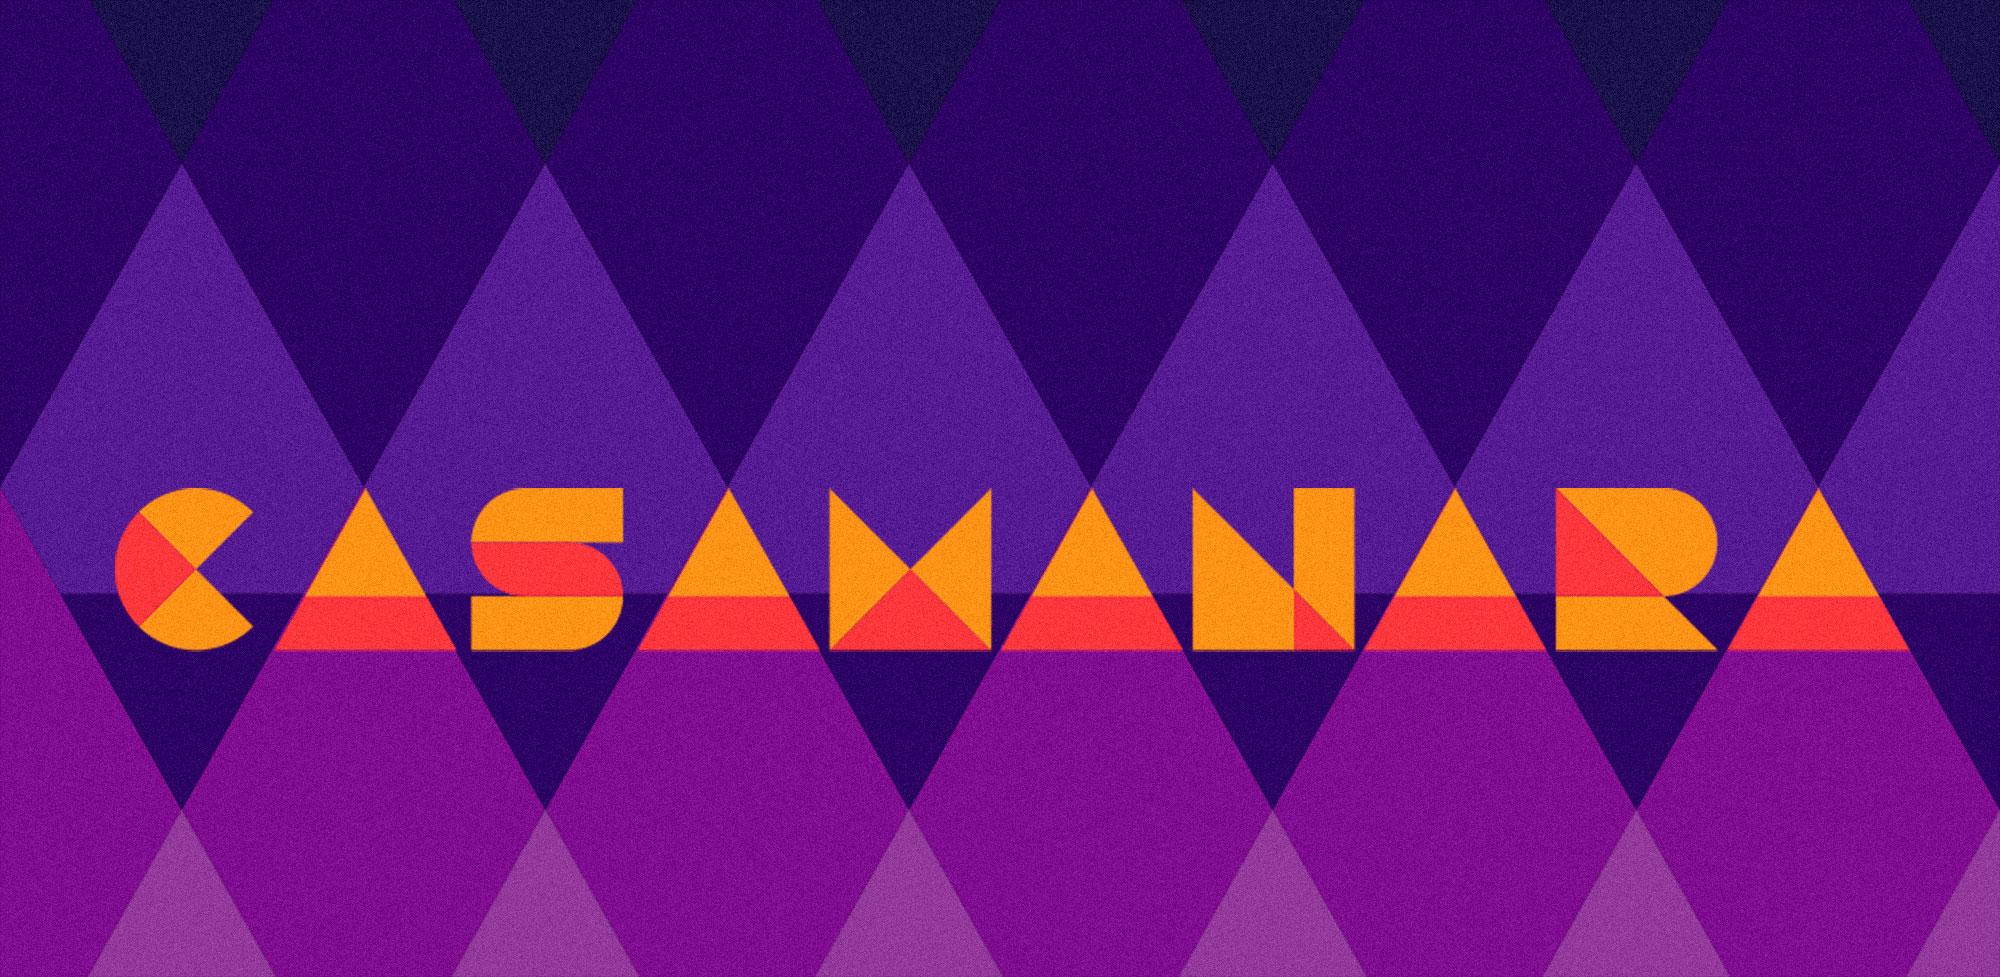 Casamanara Holiday Card 2016